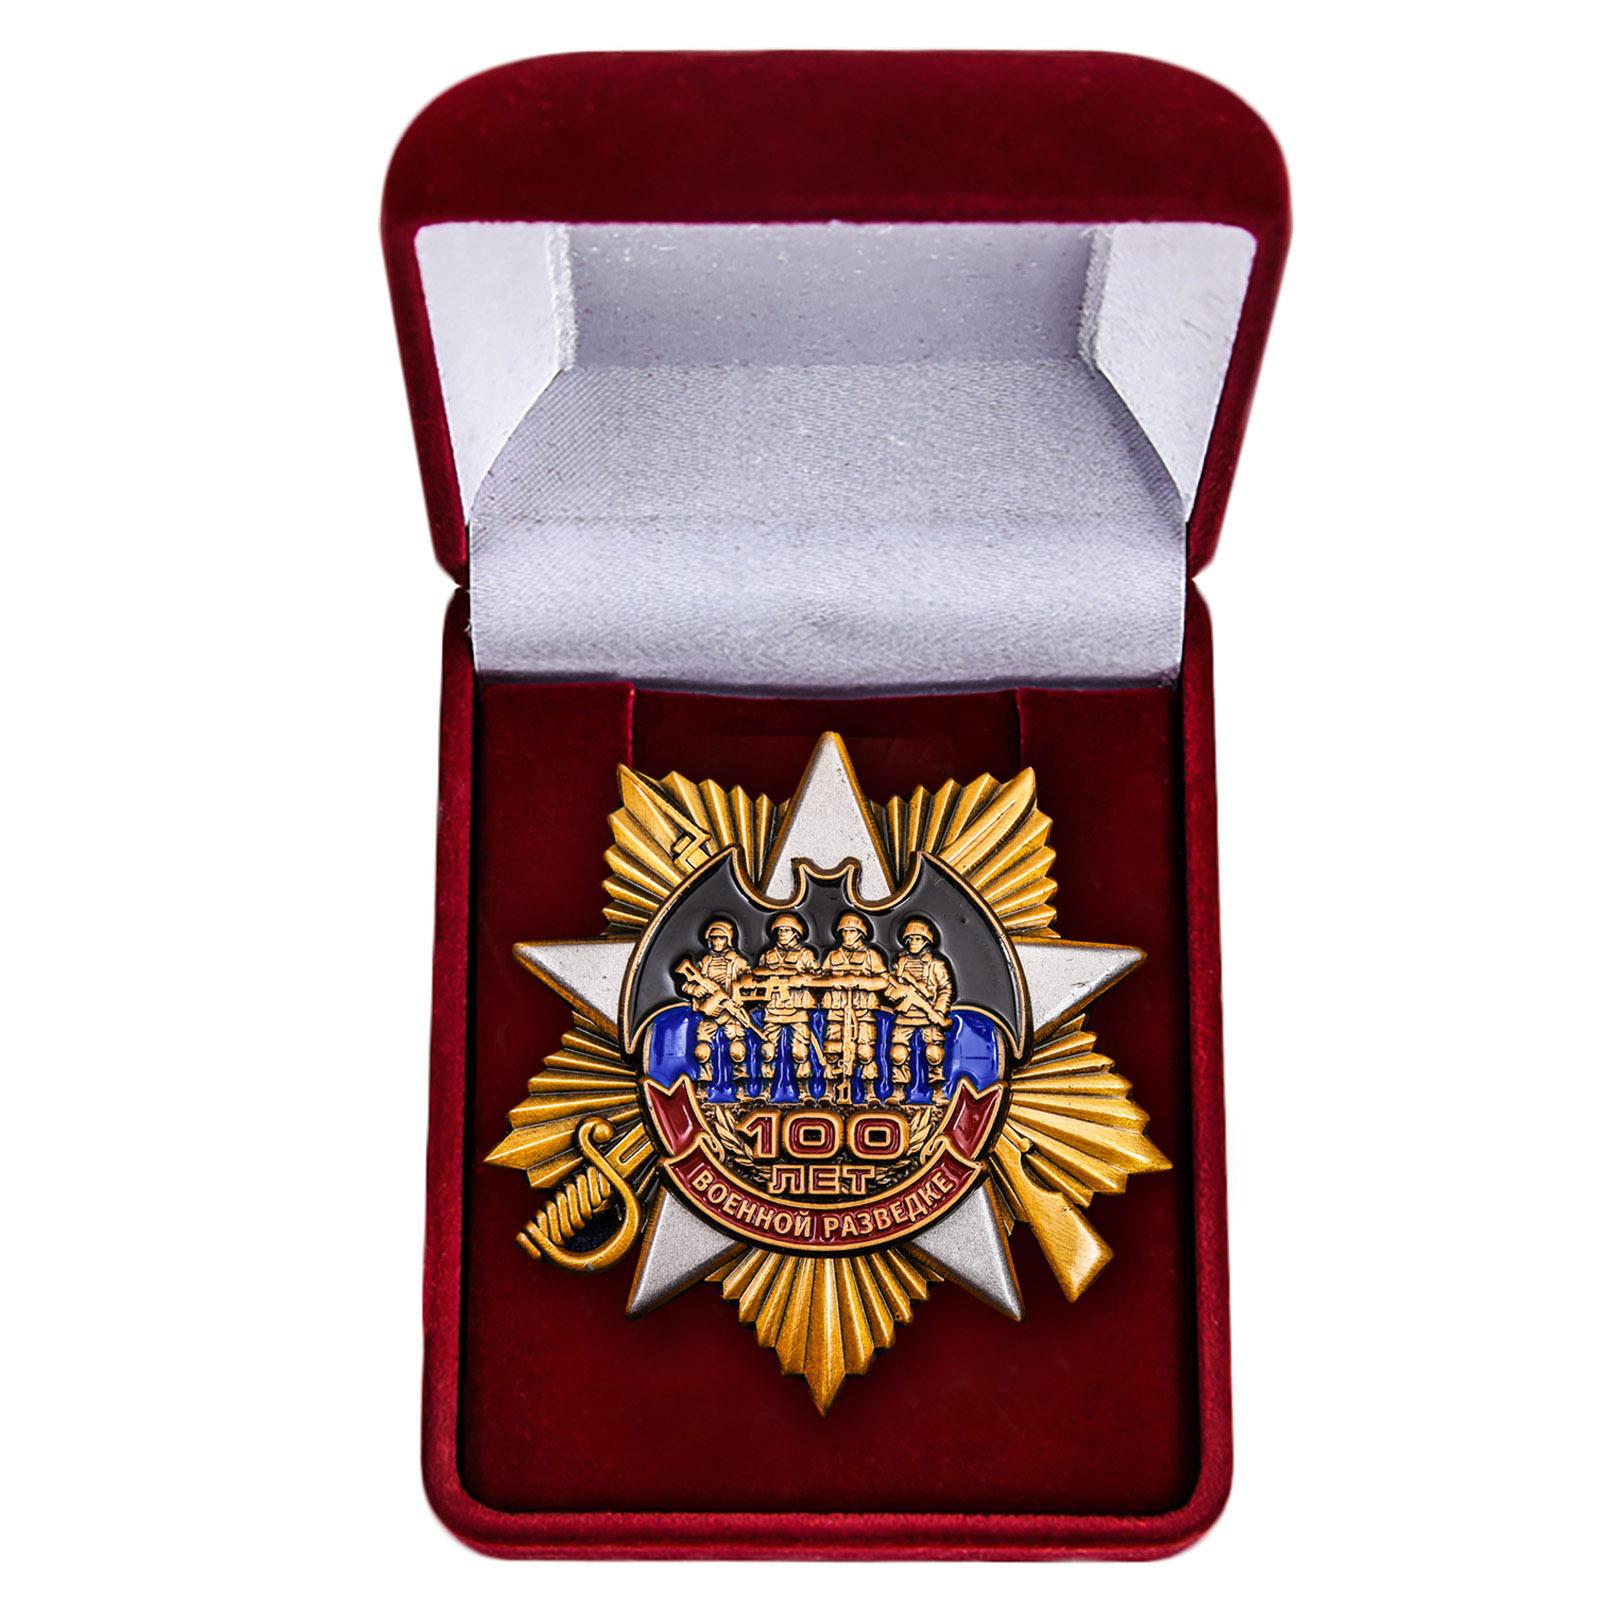 Орден Военной разведки в футляре